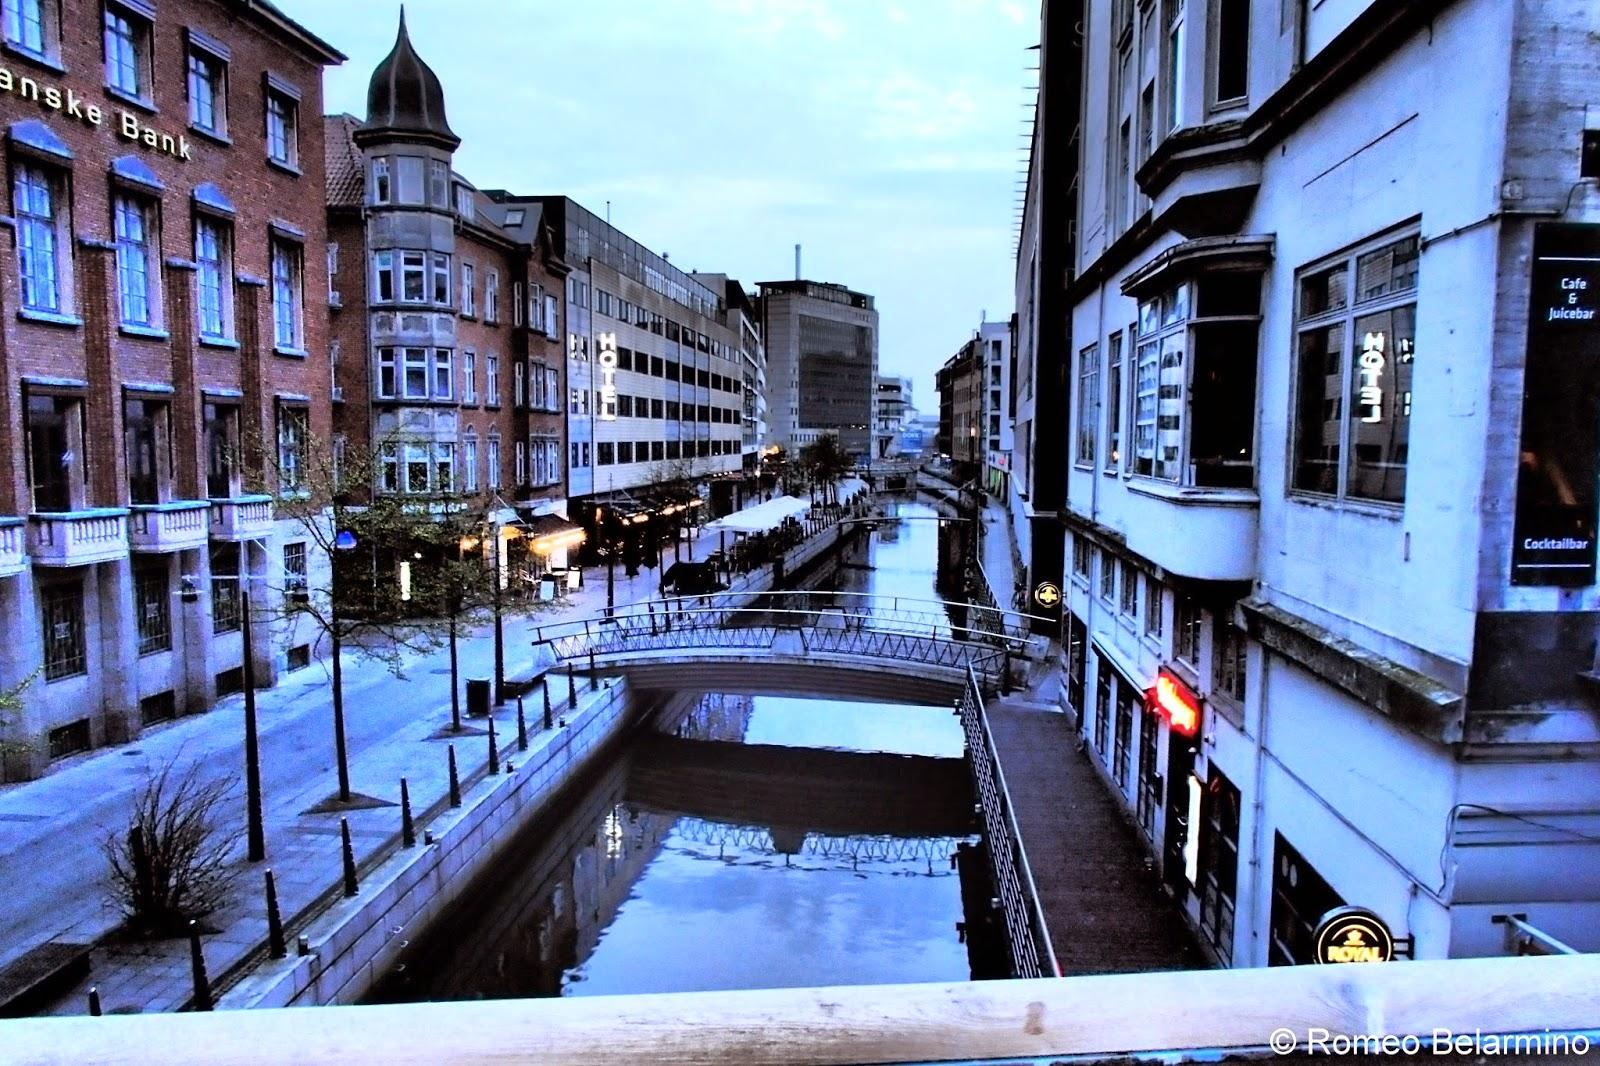 Aarhus Denmark  City pictures : Aarhus Canal Denmark